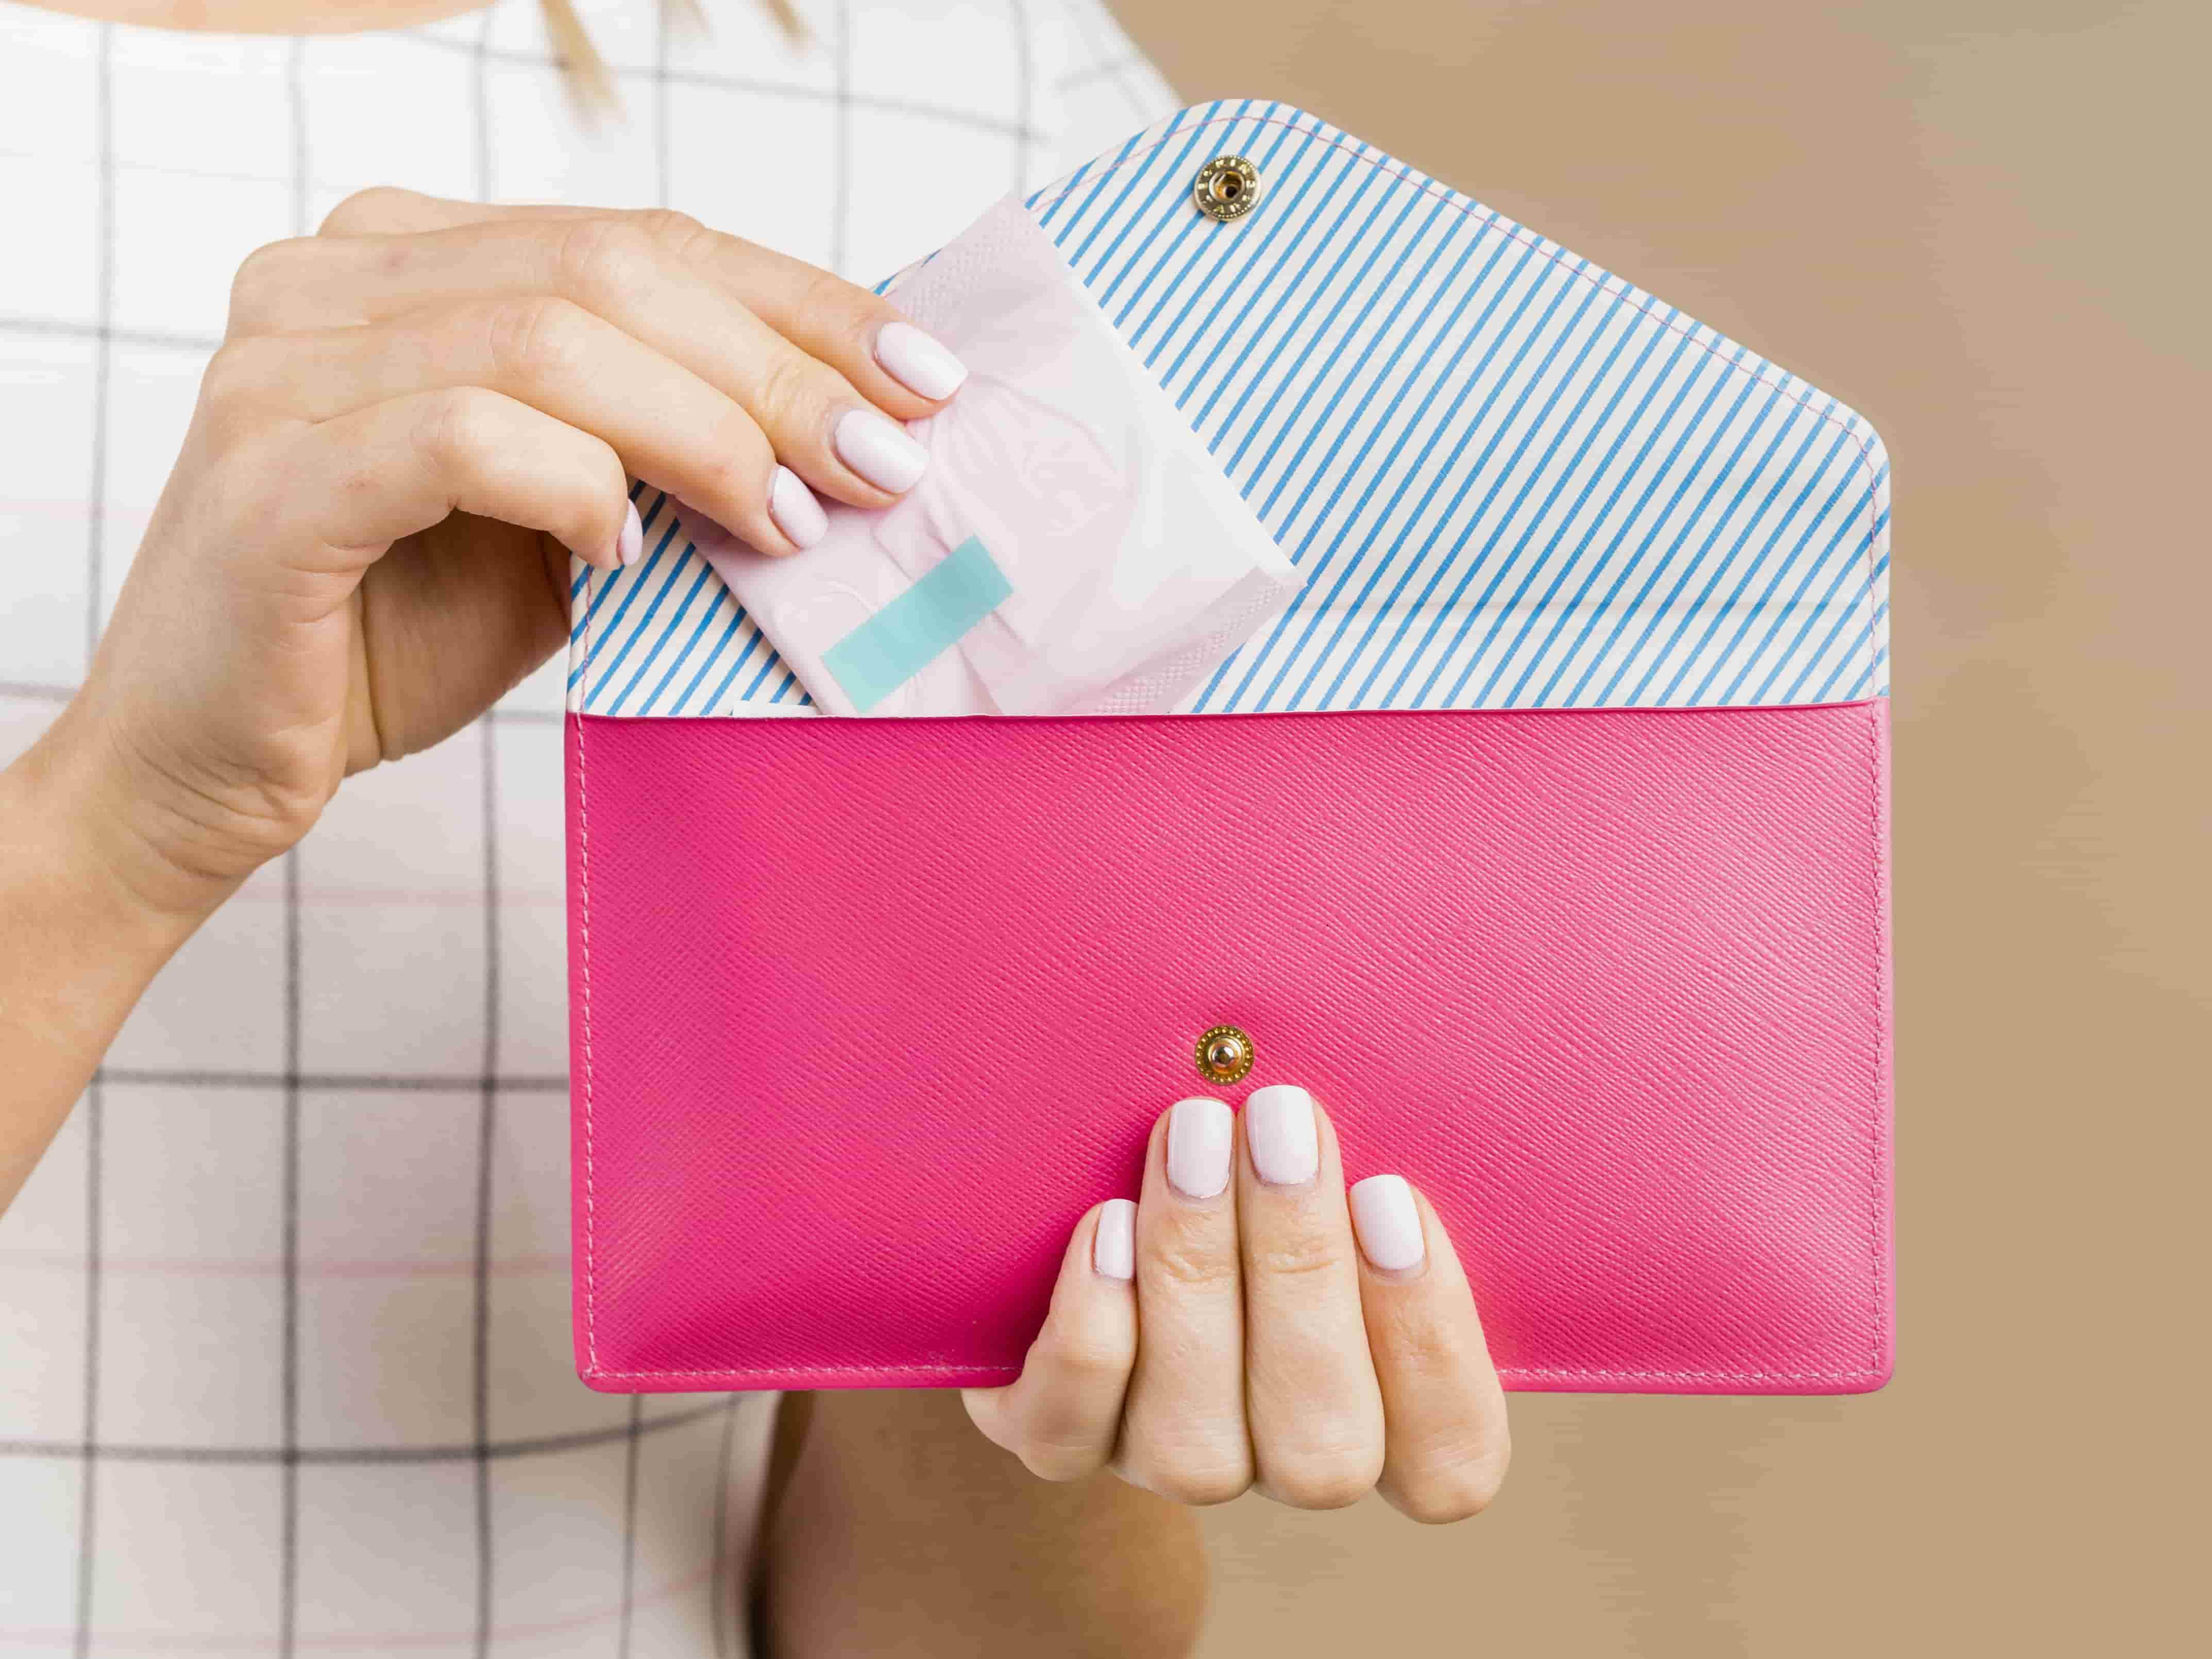 femme qui sort une serviette hygiénique de son portefeuille